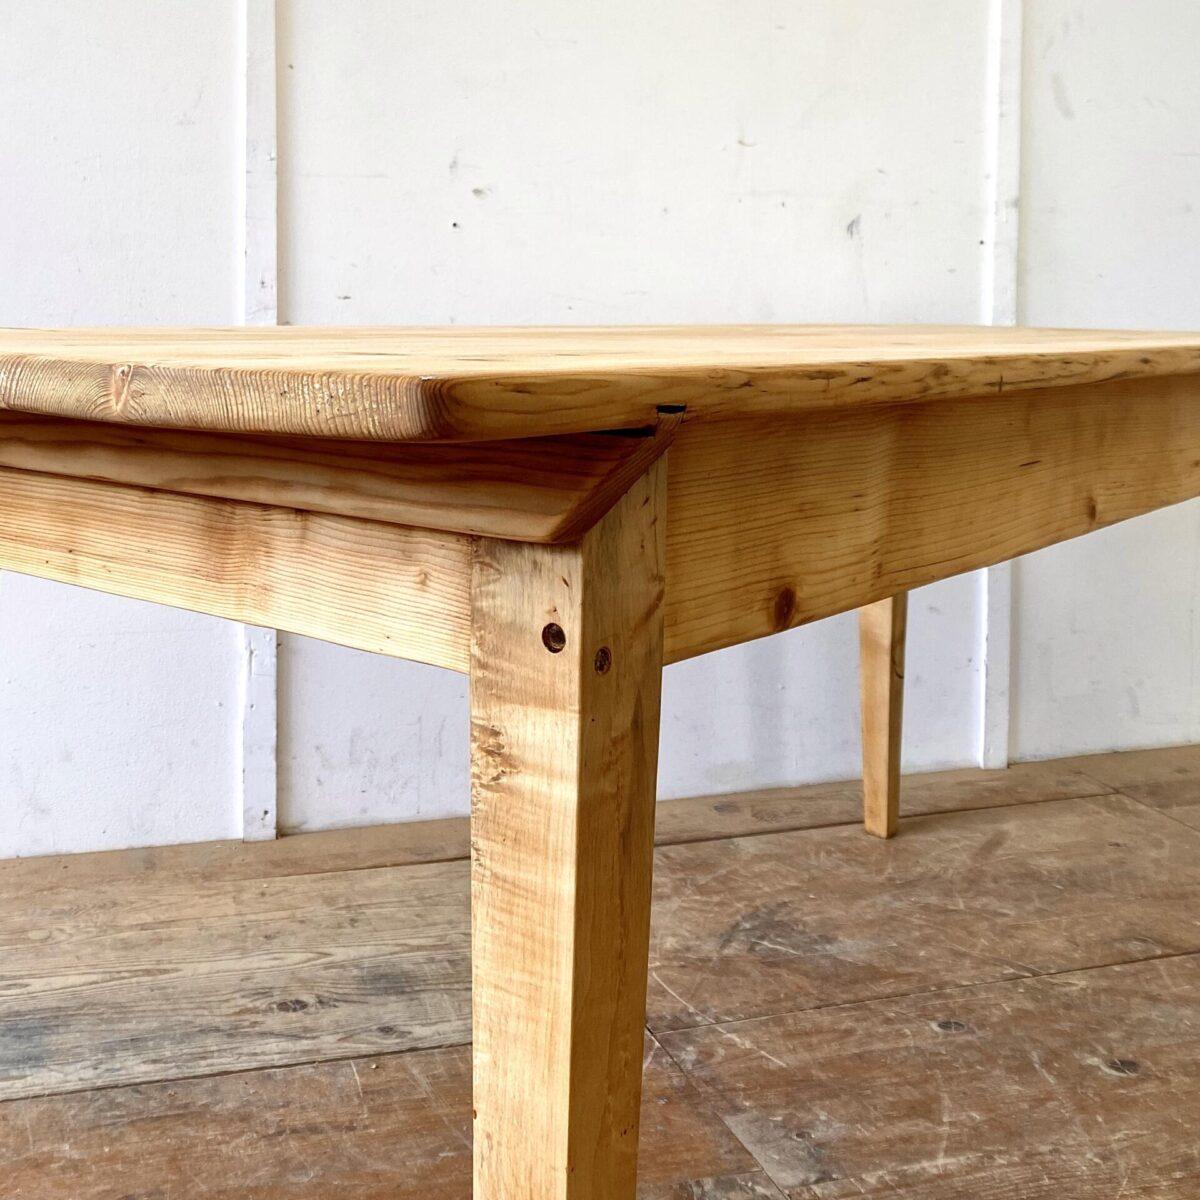 Deuxieme.shop antiker Holztisch. Alter Tannenholz Biedermeiertisch mit Gratleisten. 184.5x71cm Höhe 75cm. Der Esstisch hat eine warme gemütliche Ausstrahlung. Schlichte klassische Form mit geraden konischen Beinen. Die Holzoberflächen sind mit Naturöl behandelt. An dem Tisch finden bis zu 8 Personen Platz.